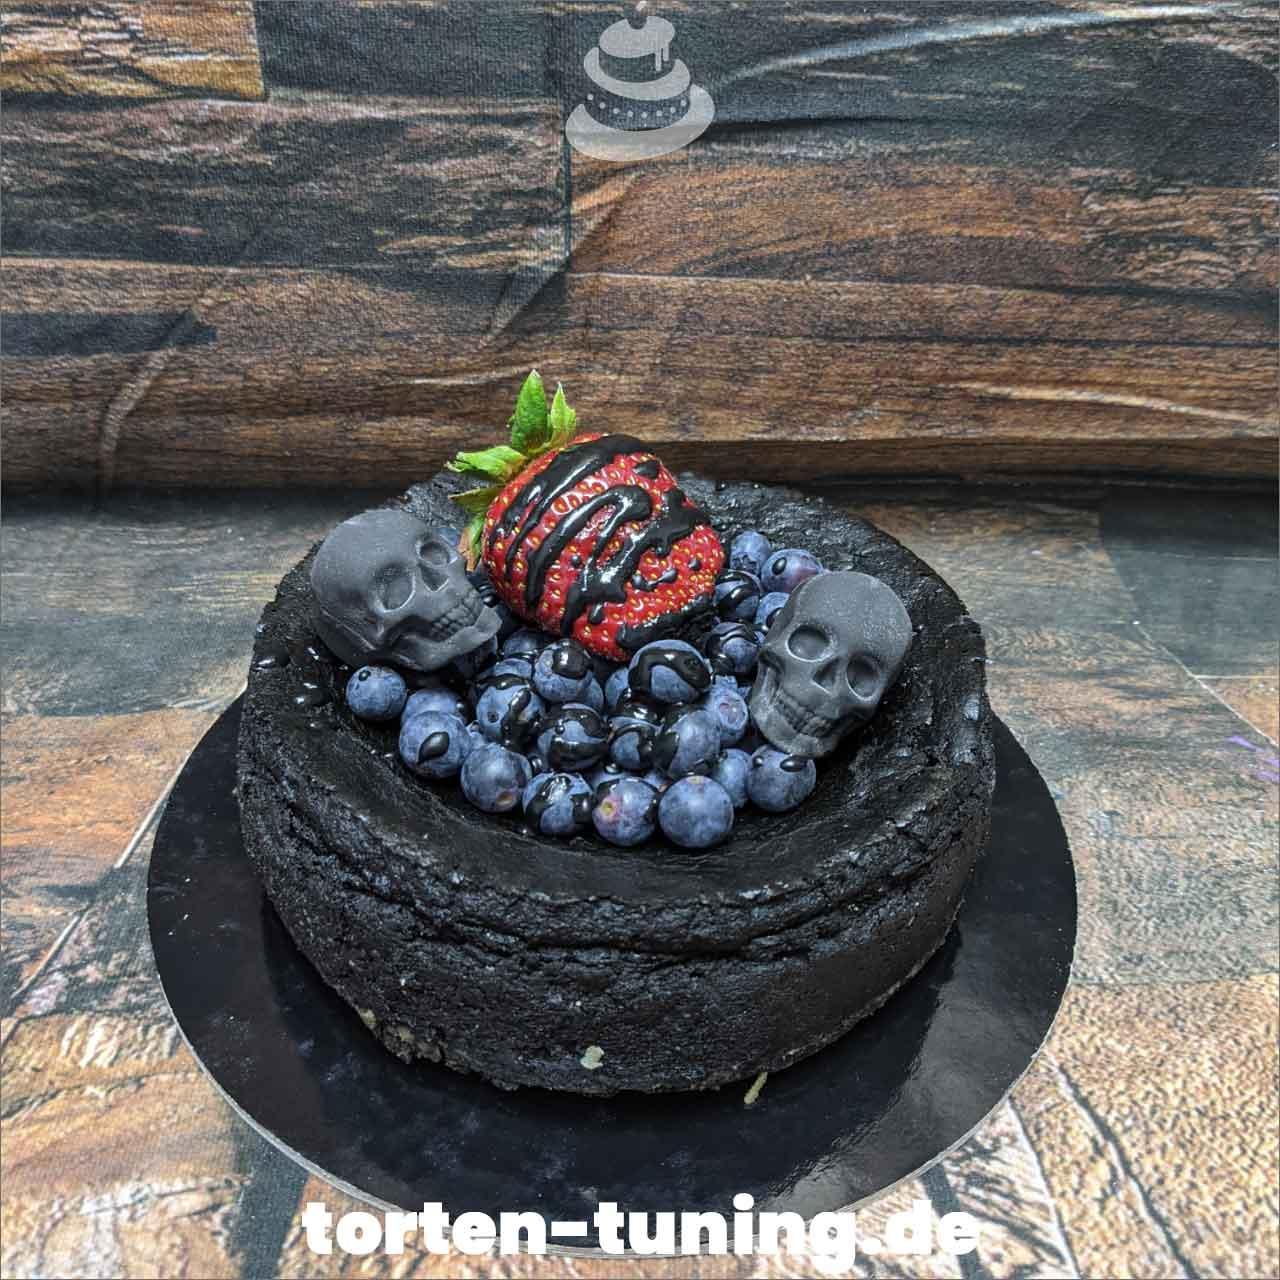 schwarzer Käsekuchen Totenkopf Dripcake Obsttorte Geburtstagstorte Motivtorte Torte Tortendekoration Torte online bestellen Suhl Thüringen Torten Tuning Sahnetorte Tortenfiguren Cake Topper